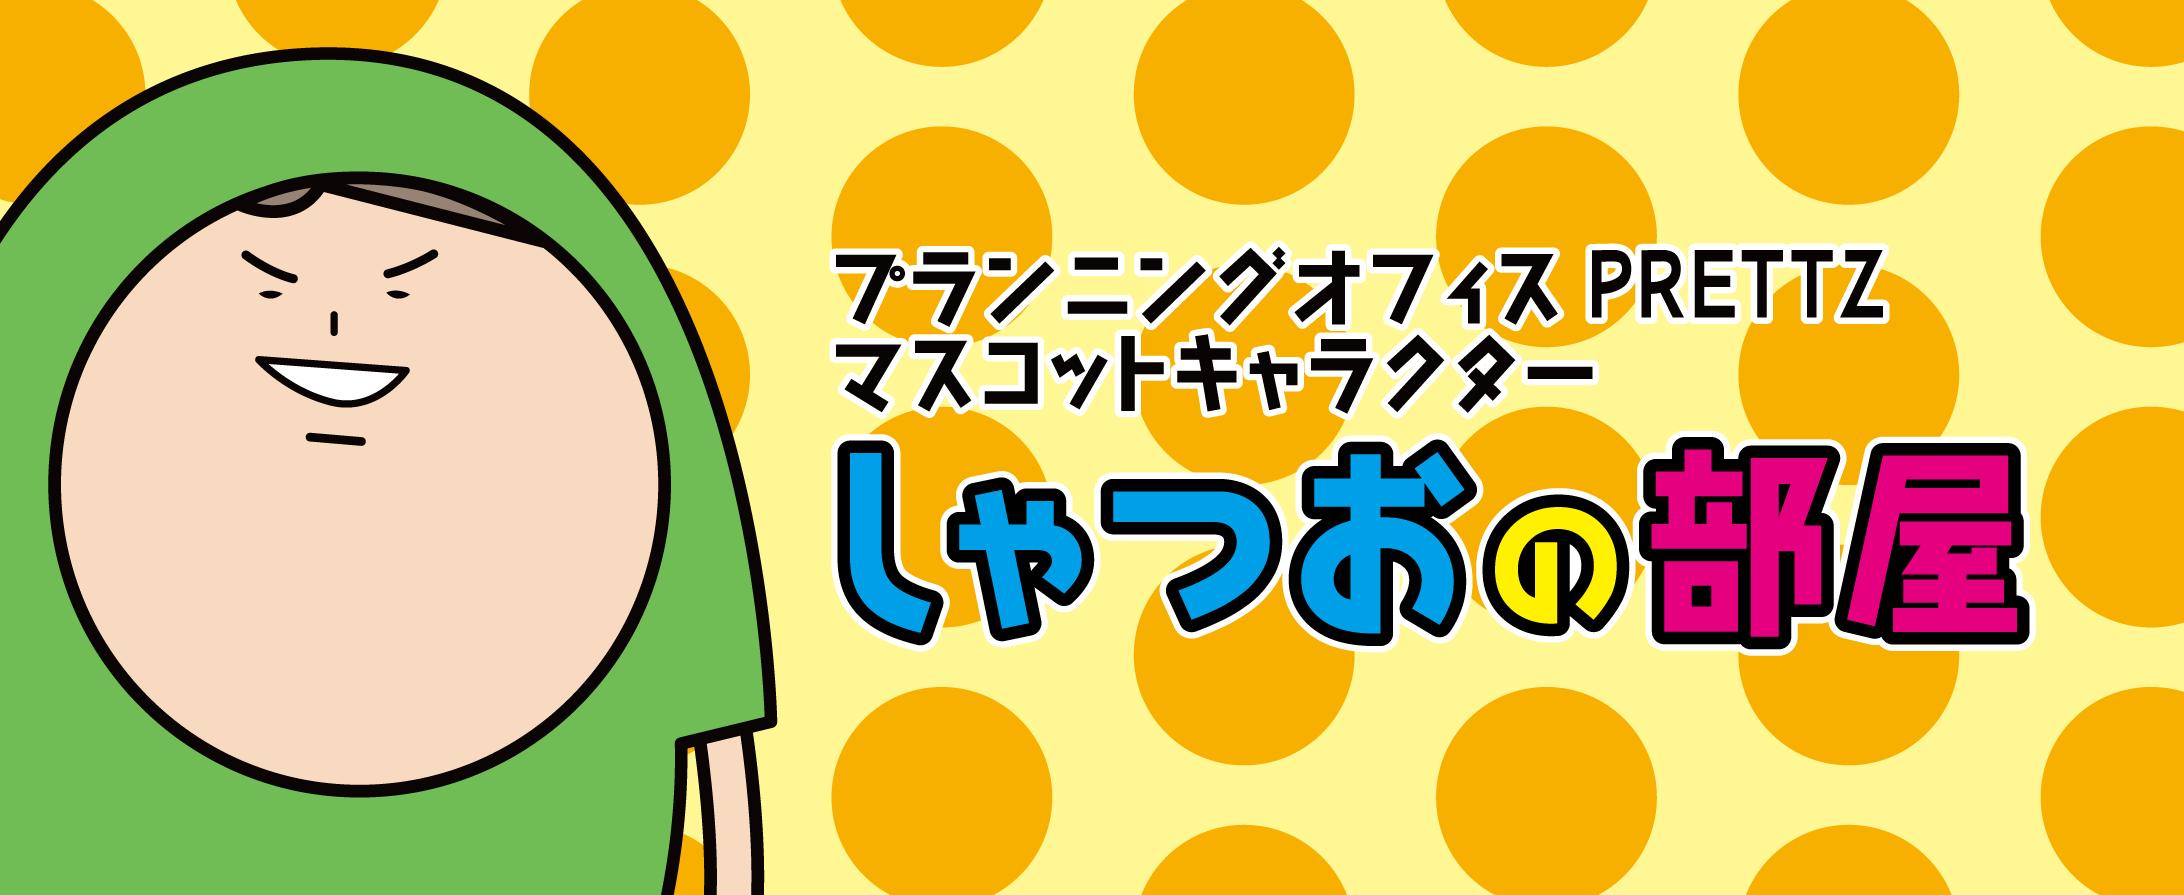 しゃつおの部屋(ブログ用)_top